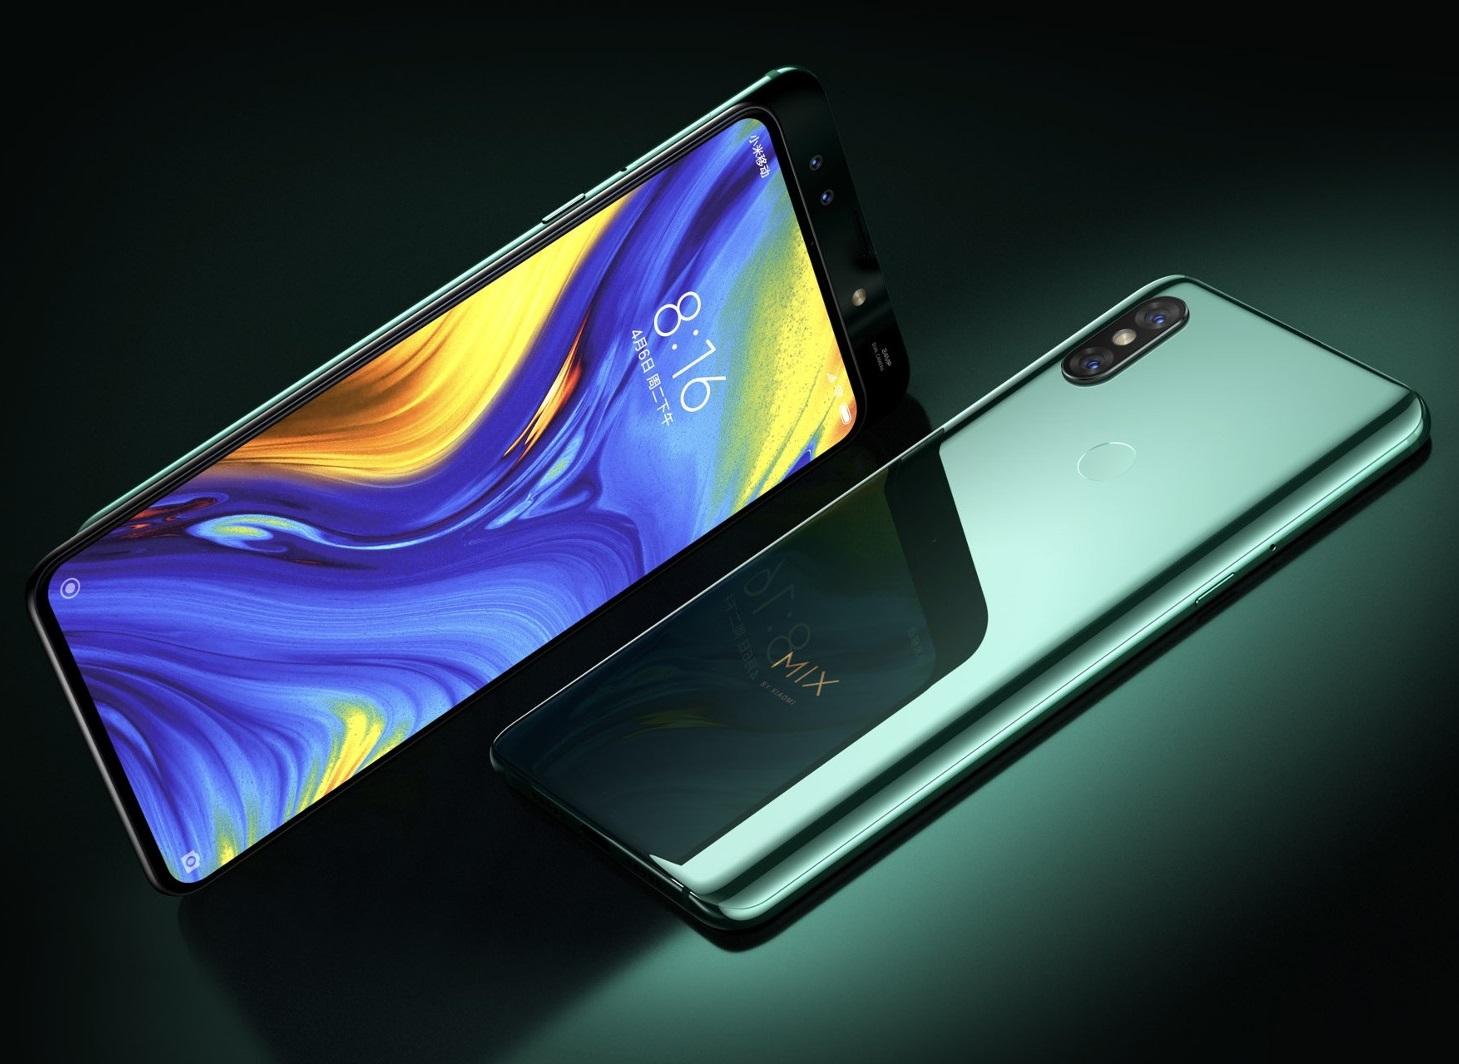 مميزات وعيوب هاتف Xiaomi Mi Mix 3 الرائد الجديد أبرز هواتف العملاق الصيني على الإطلاق